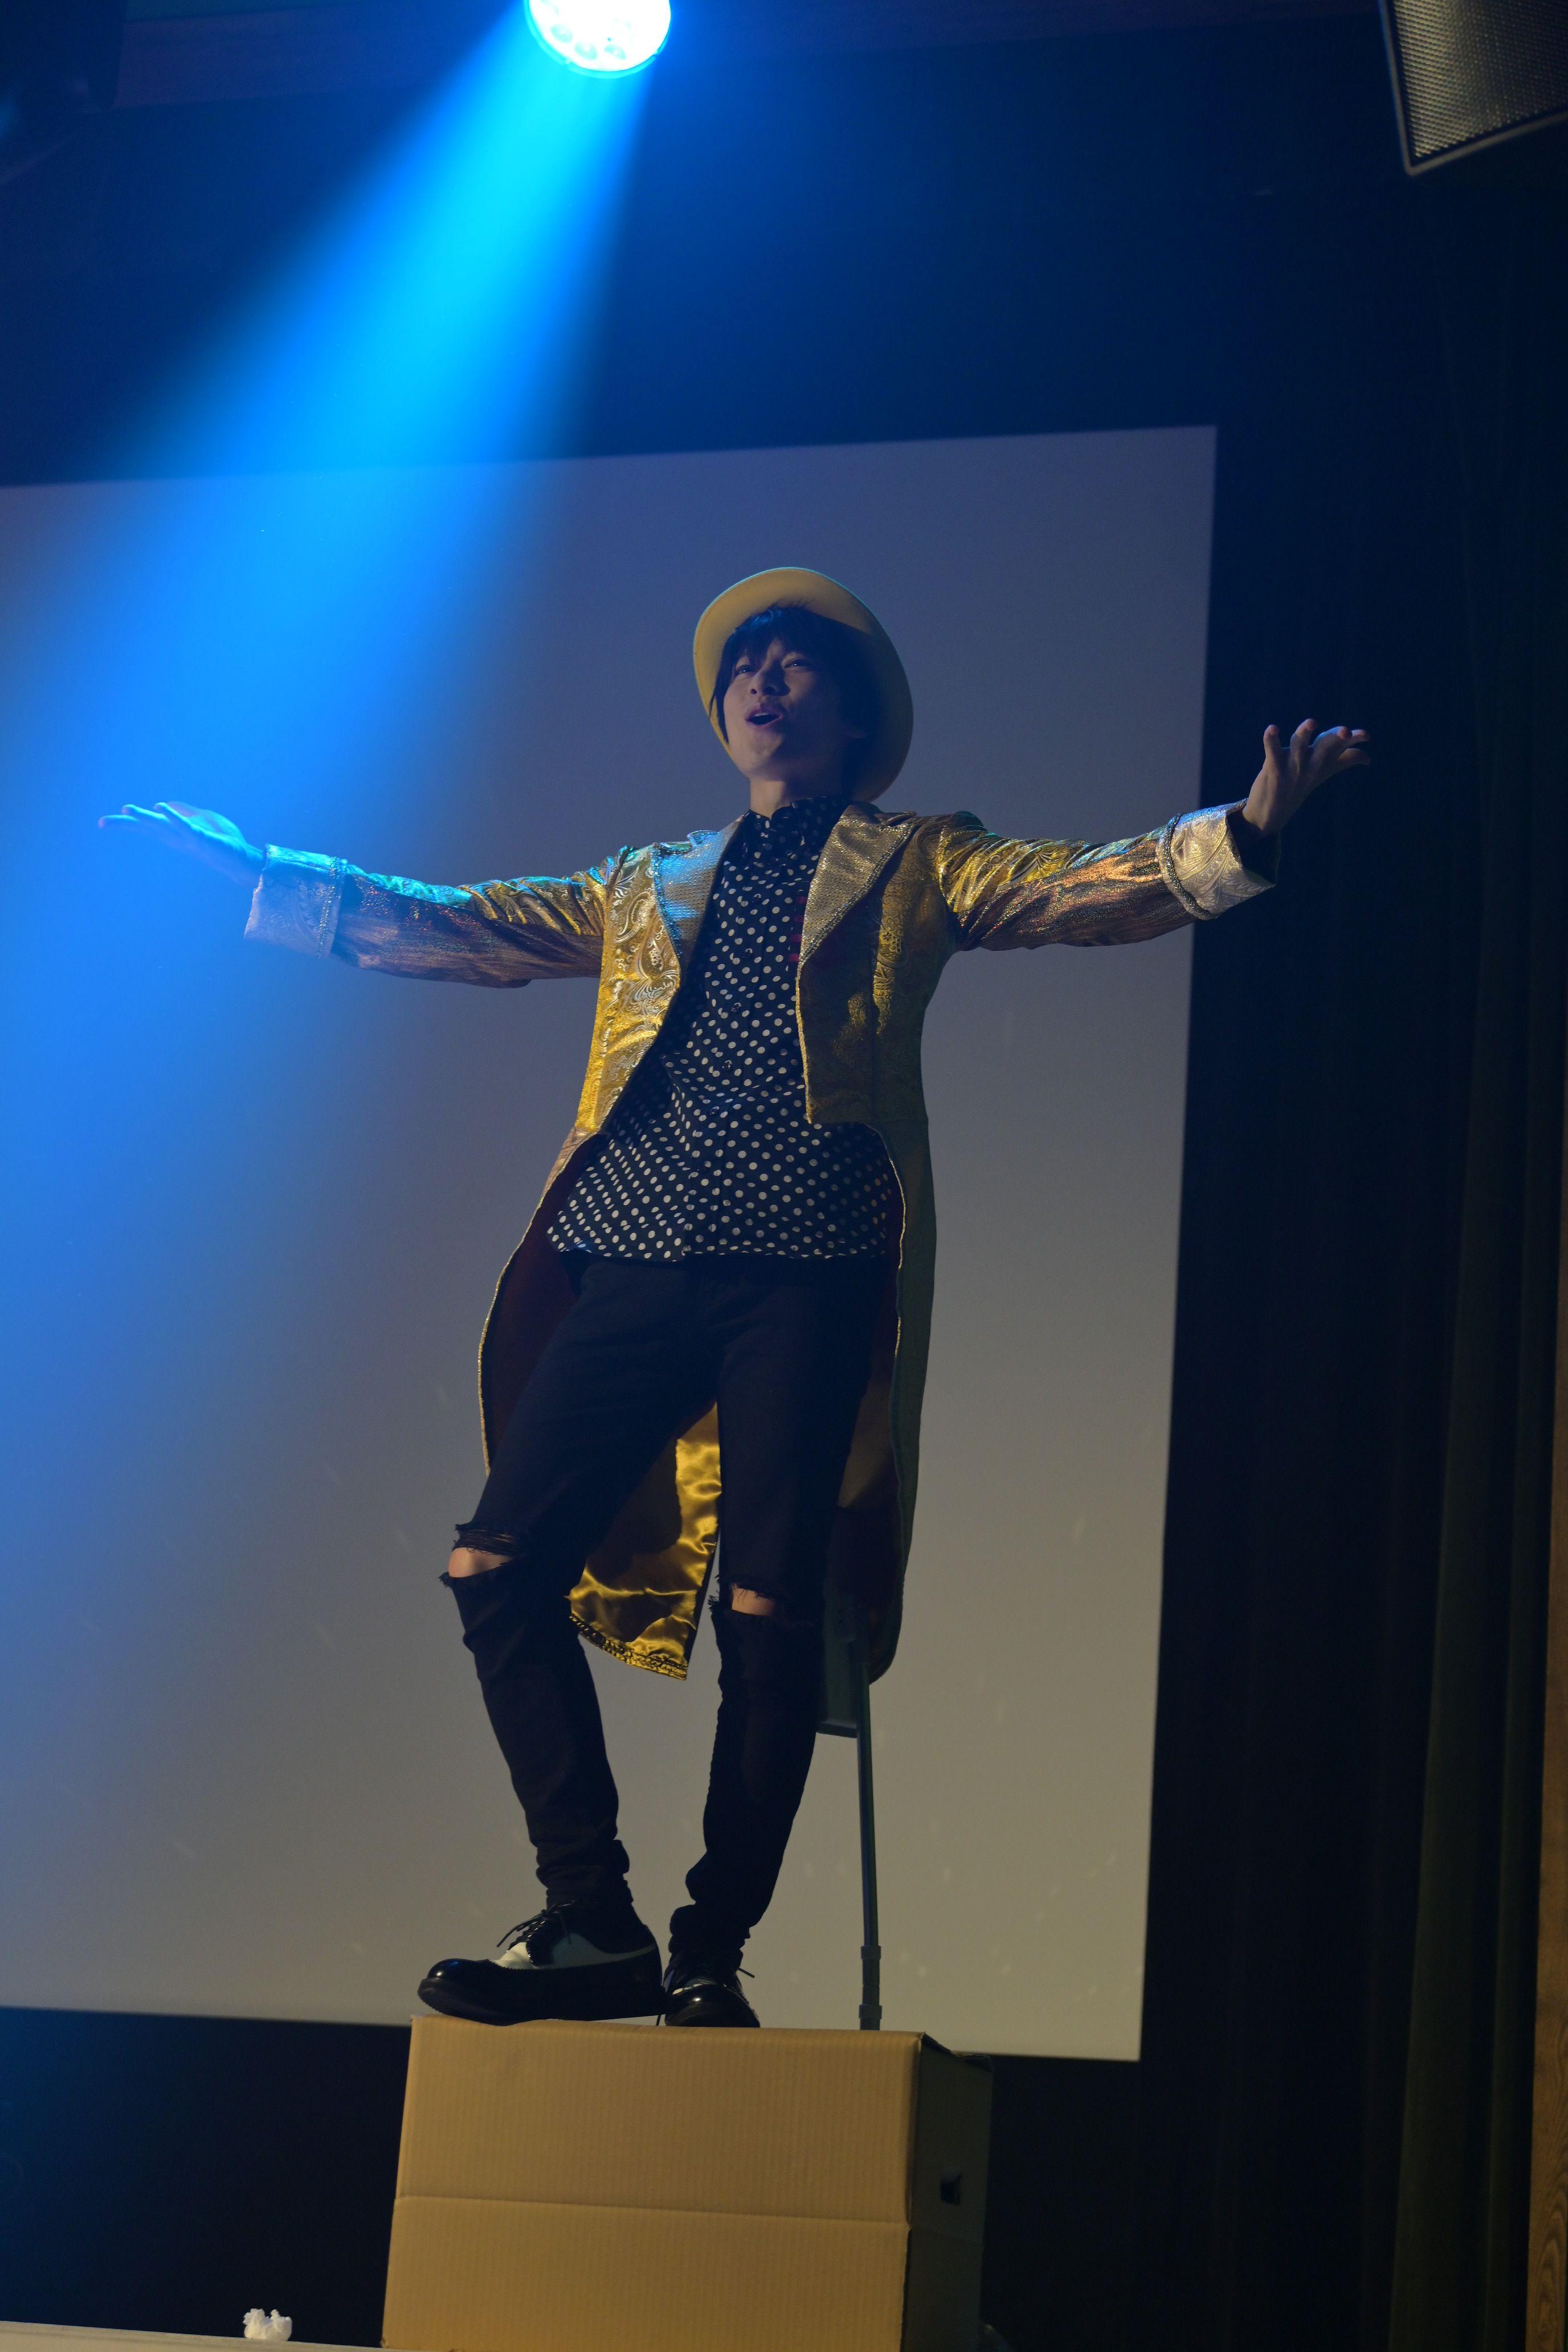 生配信ならではのエンタメ芝居に挑戦 小澤廉×川本 成「ひとりしばい」レポ イメージ画像